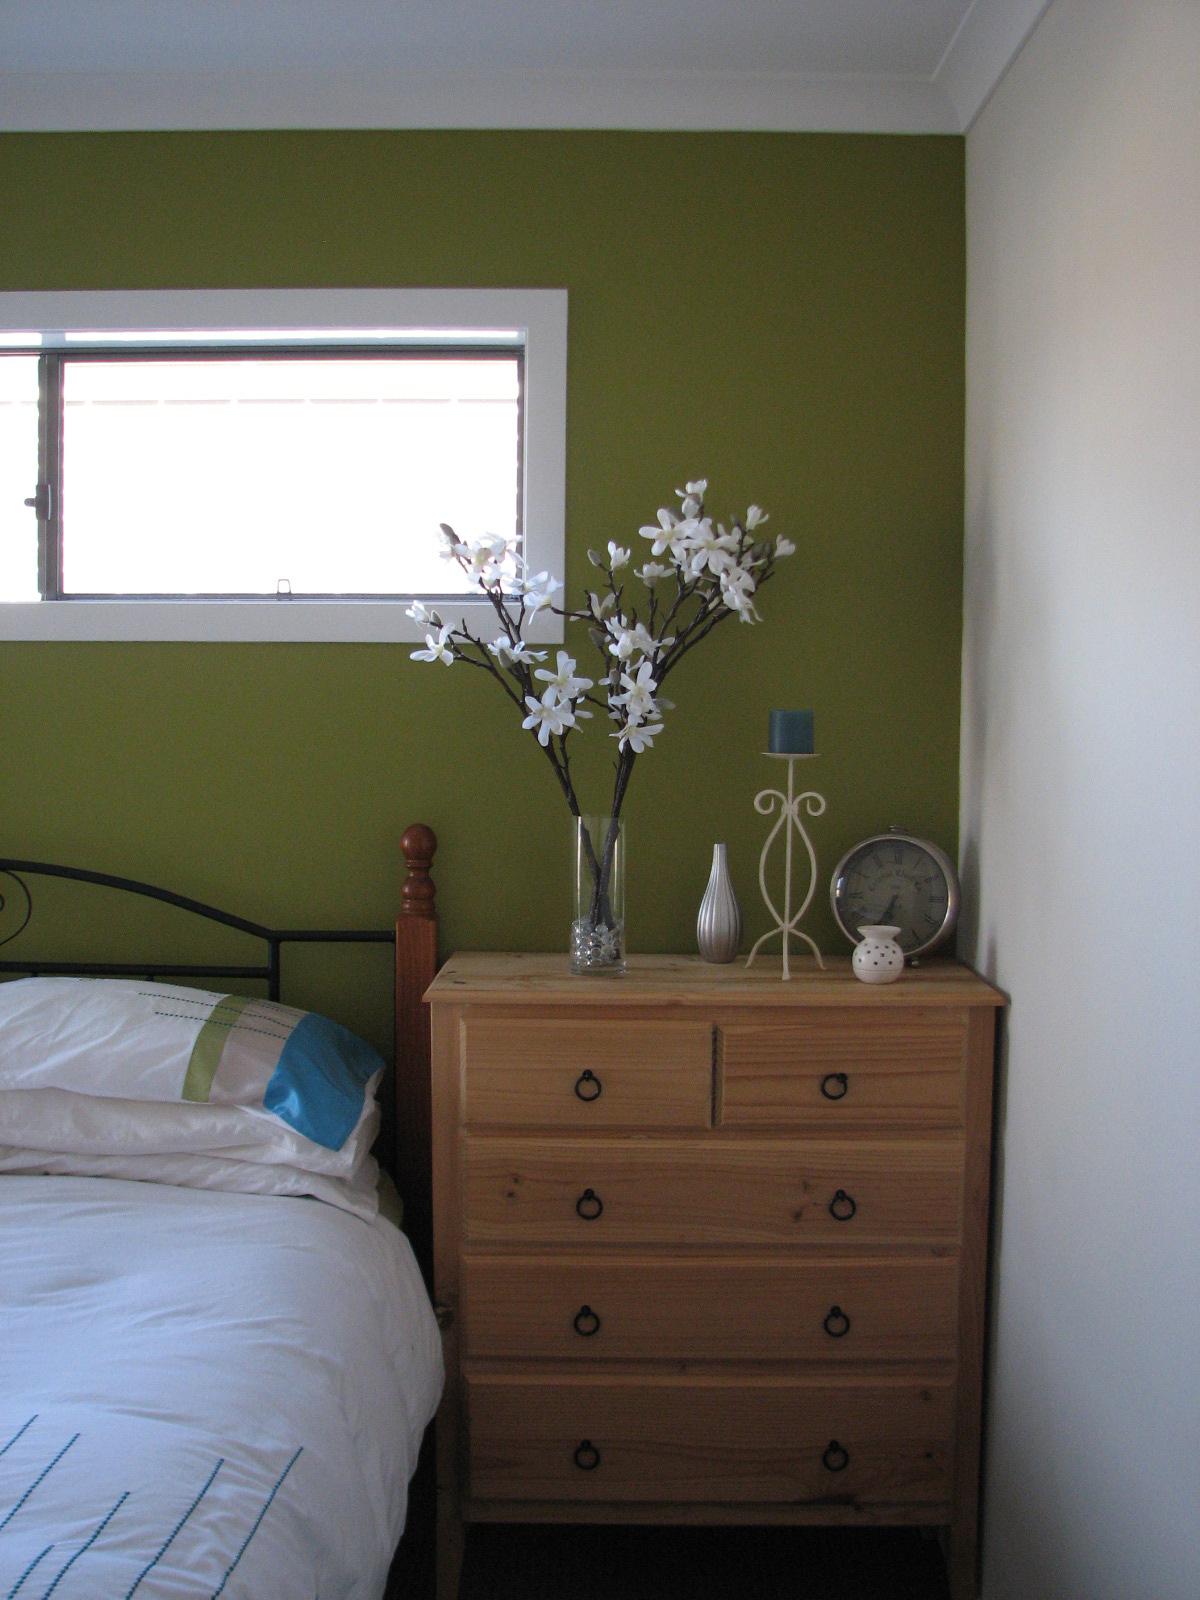 Dulux Zestaw Bedroom In A Box: Destination: 3977: We've Arrived